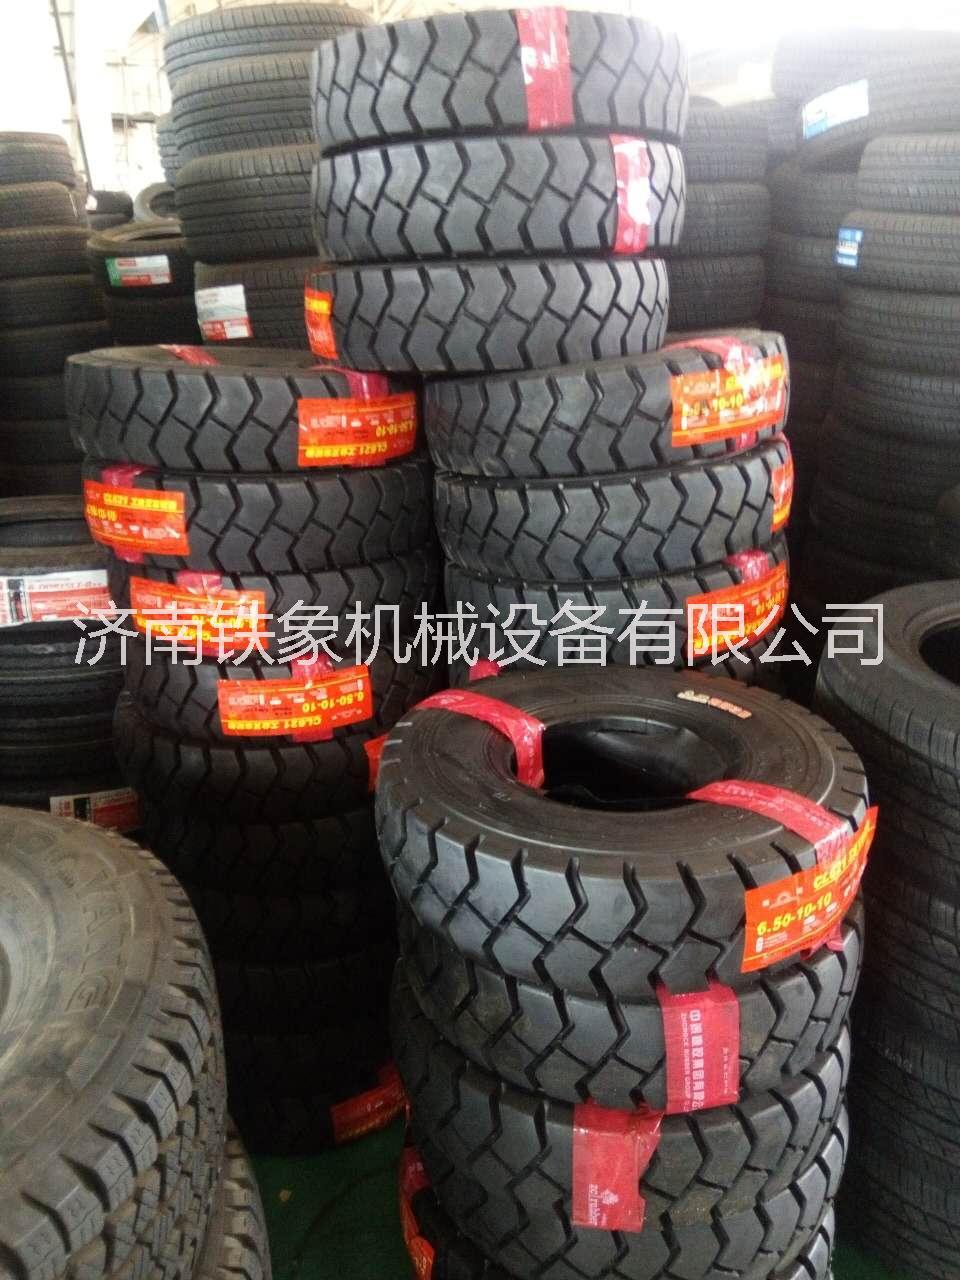 供应朝阳叉车轮胎28*9-15 济南叉车轮胎28*9-15叉车服务专家